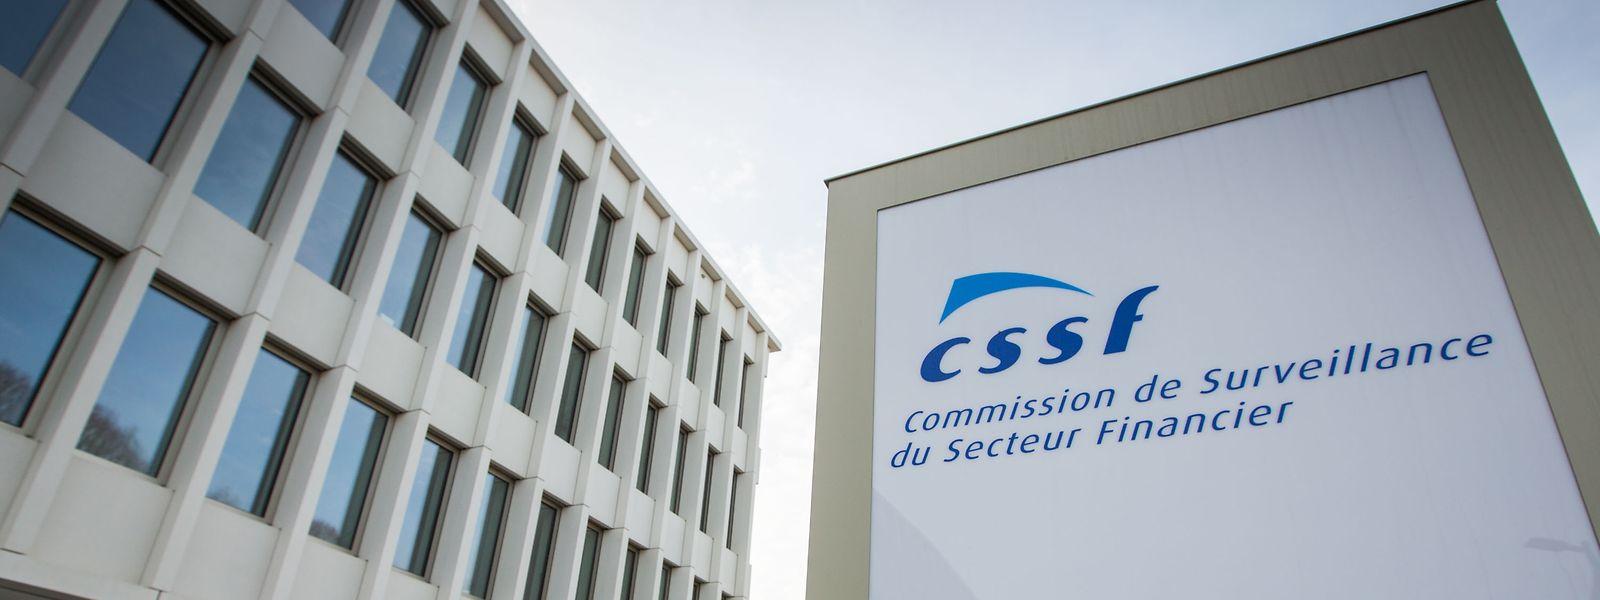 Die CSSF hat sämtliche Auszahlungen der ABLV-Bank Luxemburg untersagt.